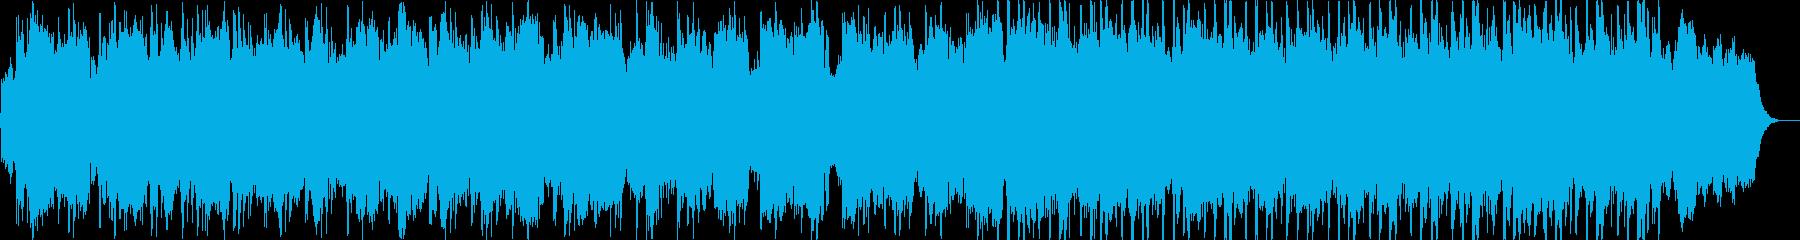 チェロによるバラードの再生済みの波形